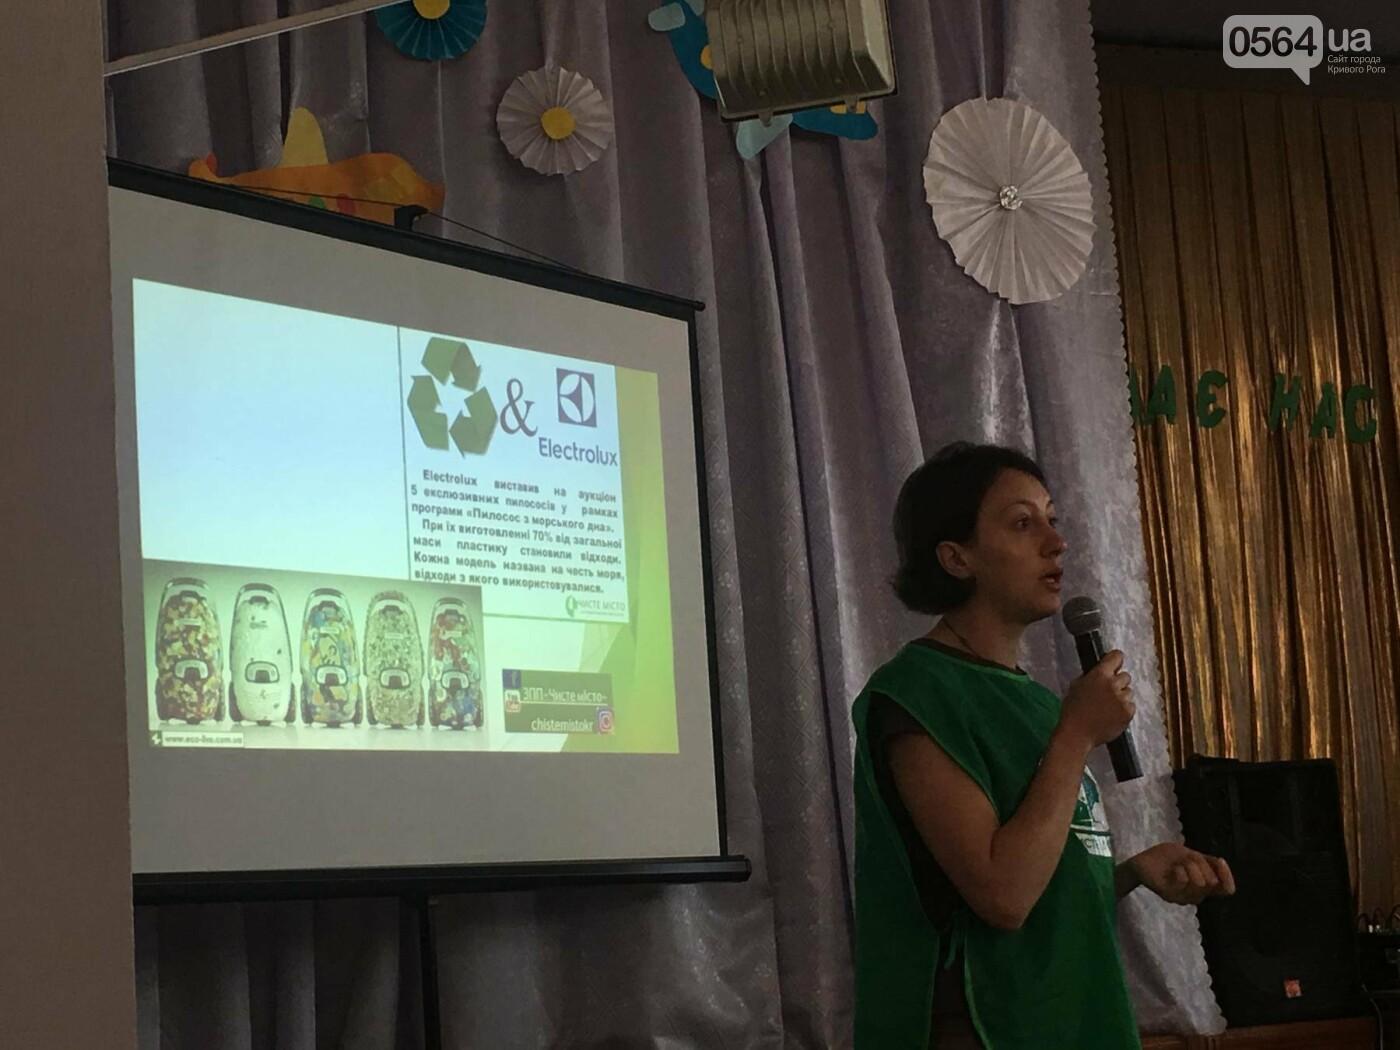 В Кривом Роге на одну экосознательную школу стало больше (ФОТО), фото-6